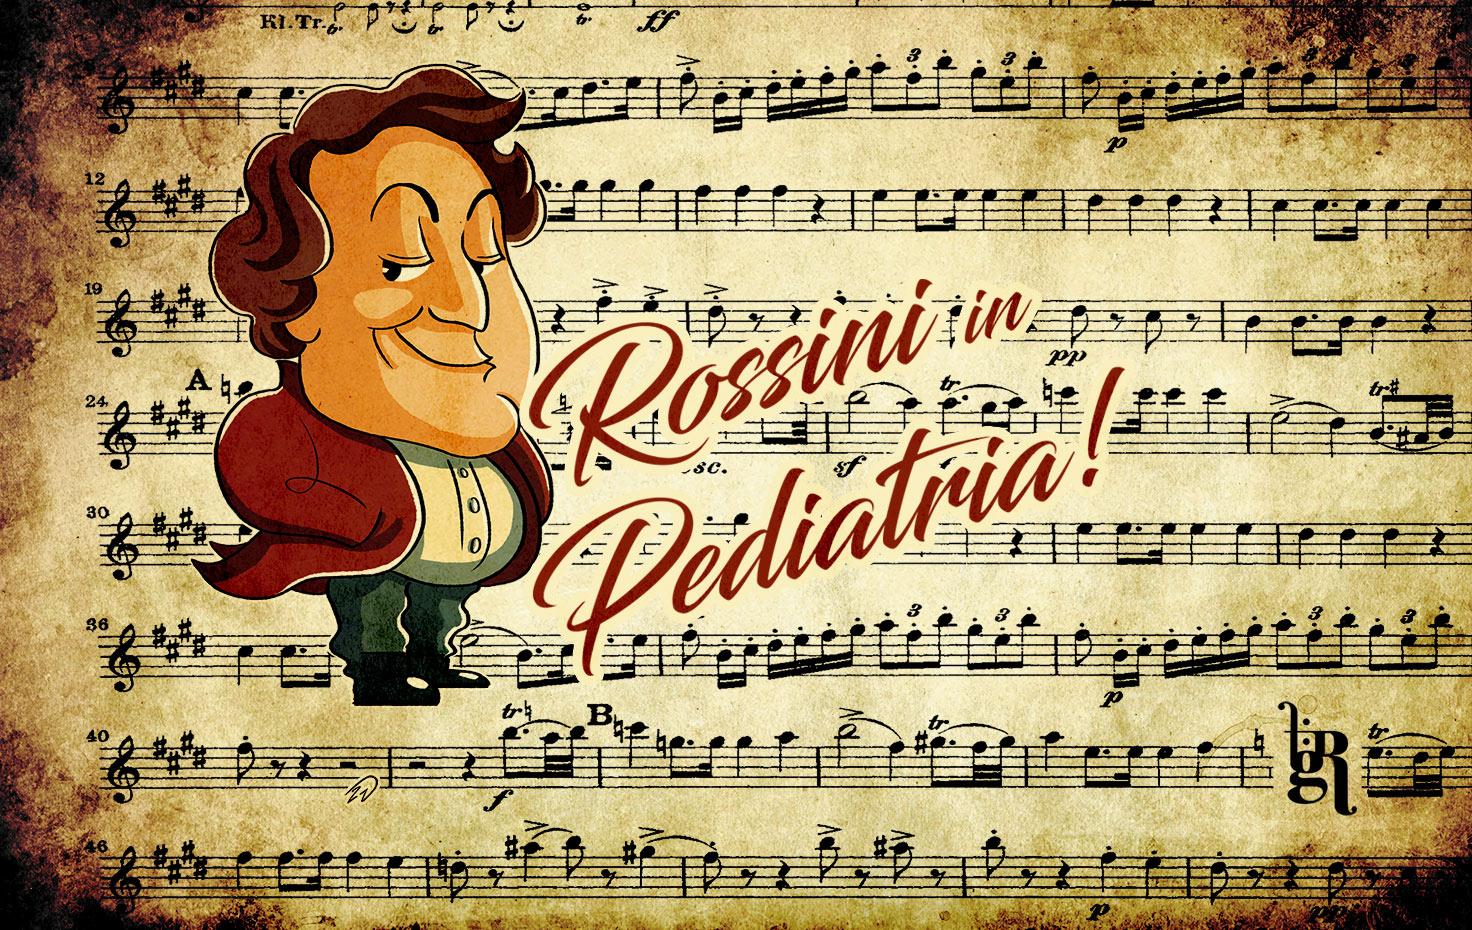 Rossini in pediatria - Campagna sociale Filarmonica Gioachino Rossini